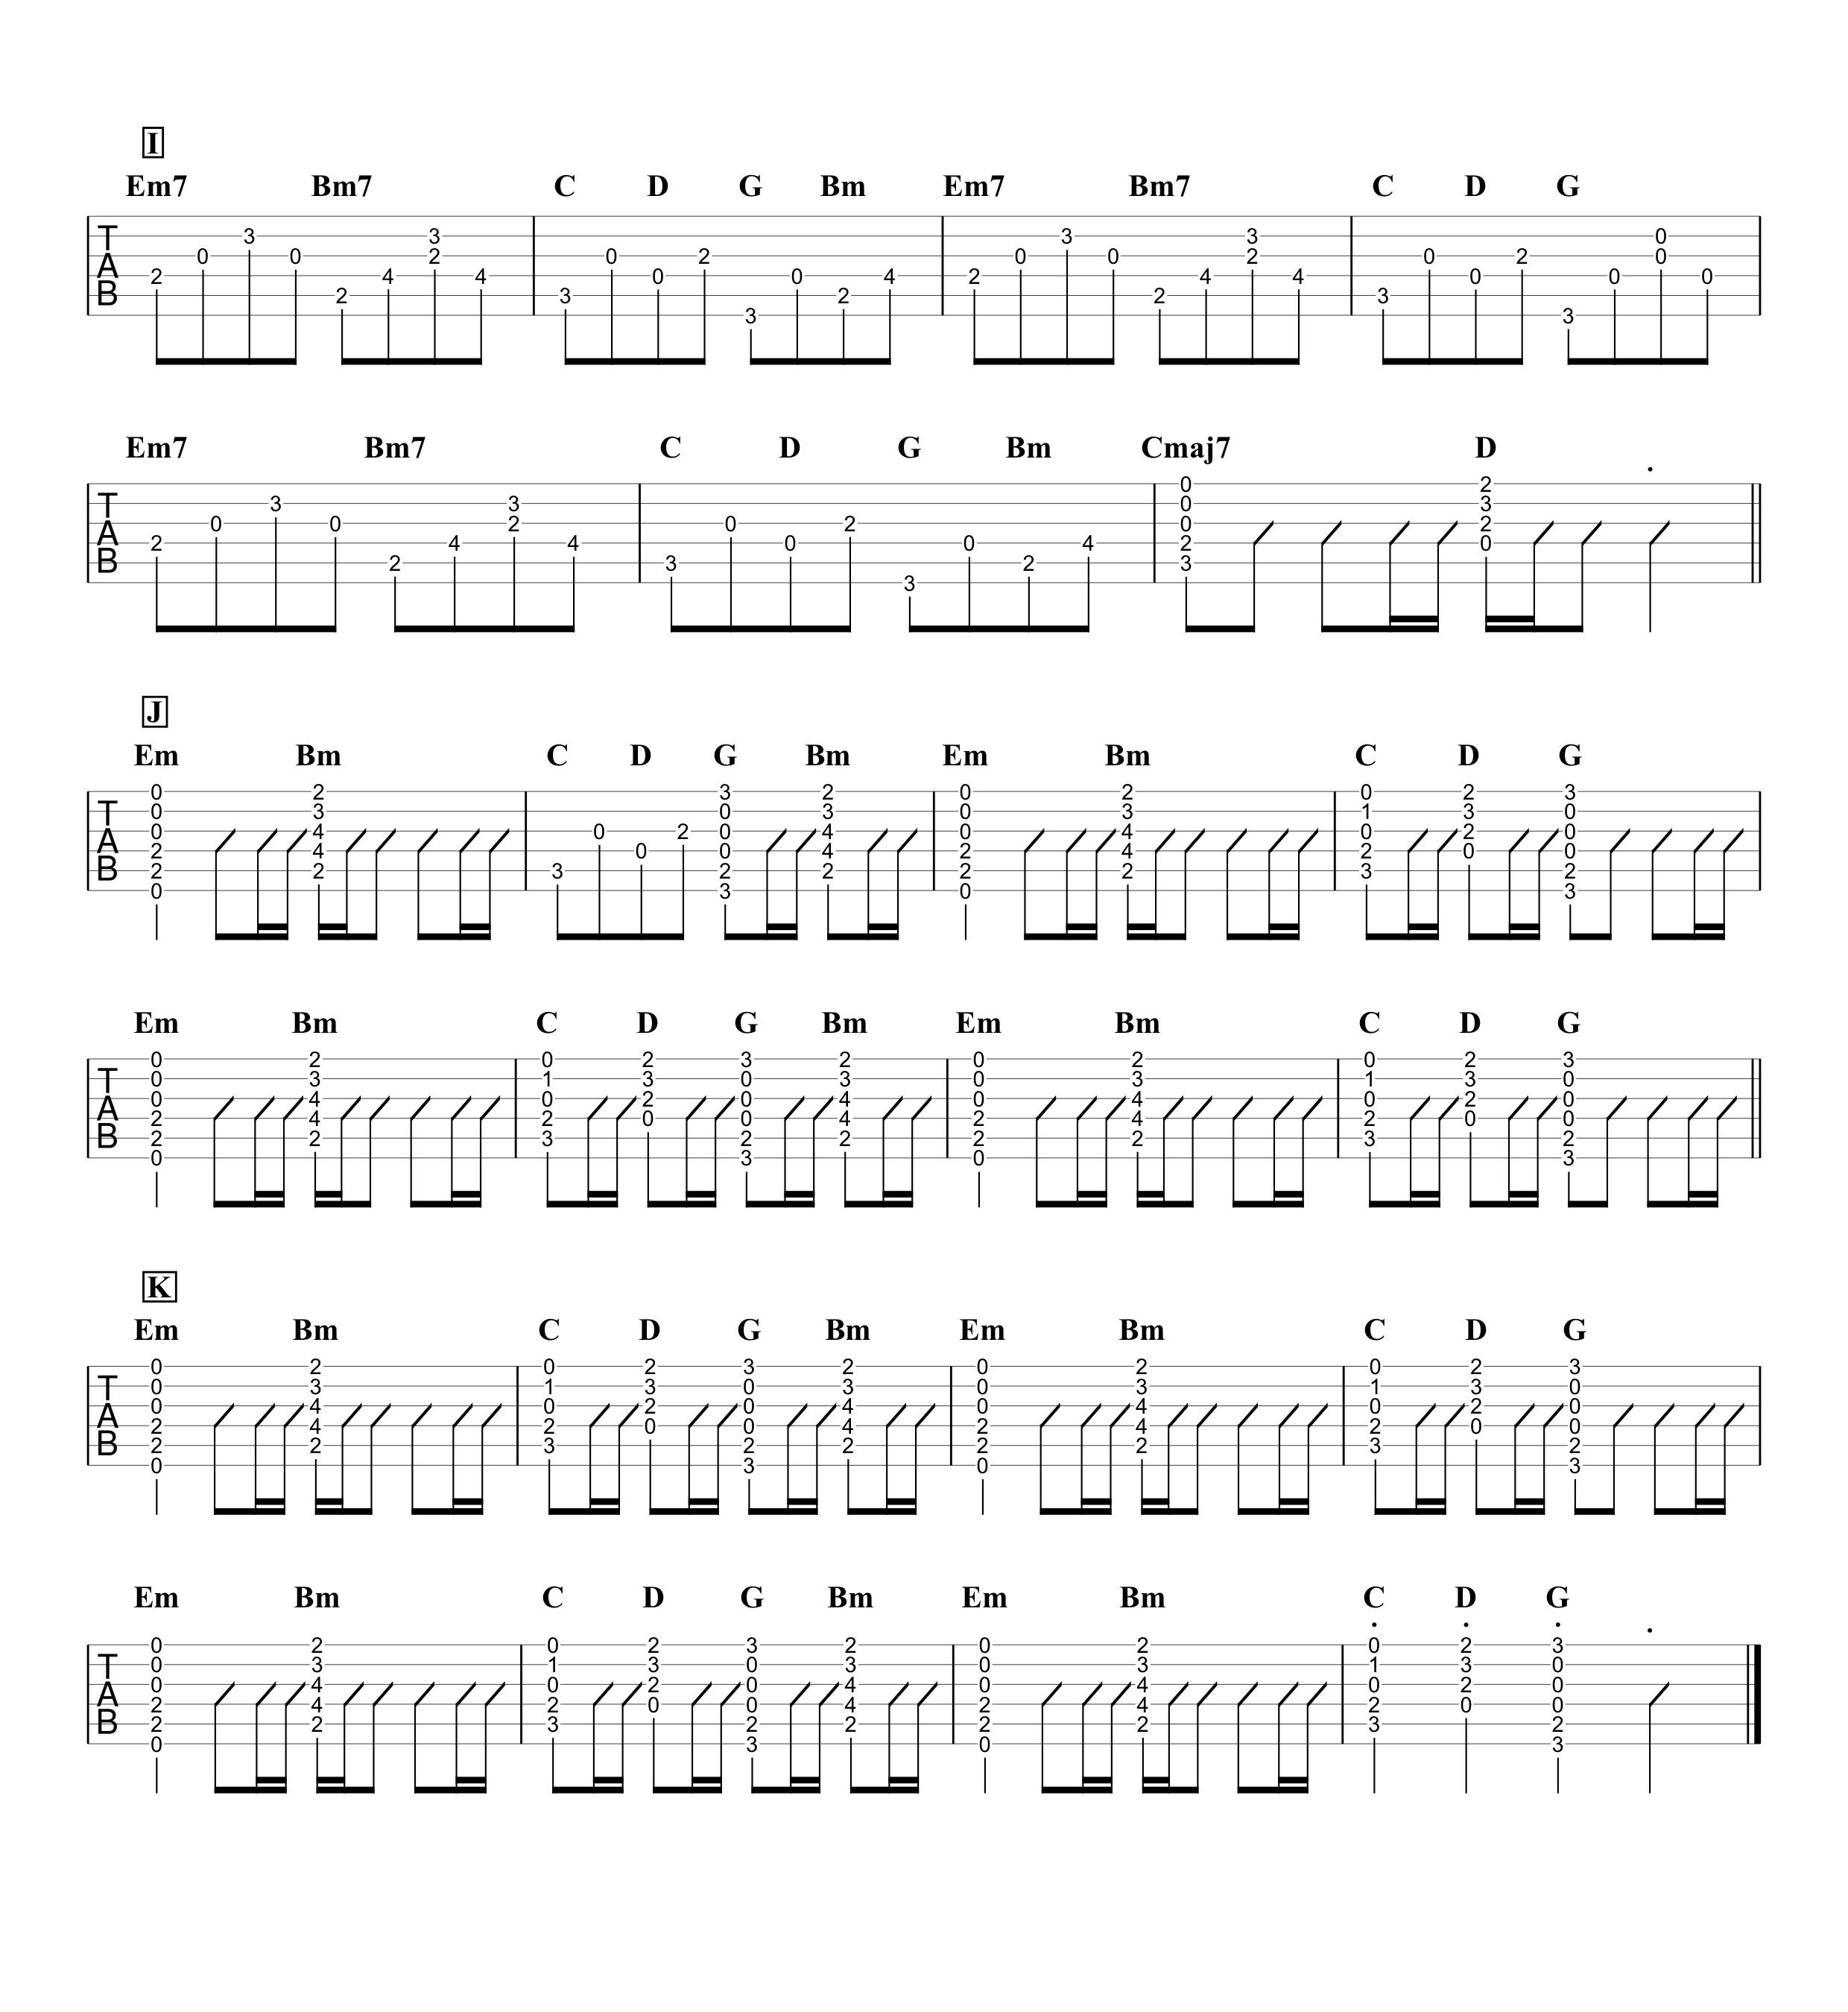 夜明けと蛍/初音ミク(n-buna) ギタータブ譜 コードストロークとアルペジオで弾くVer.03